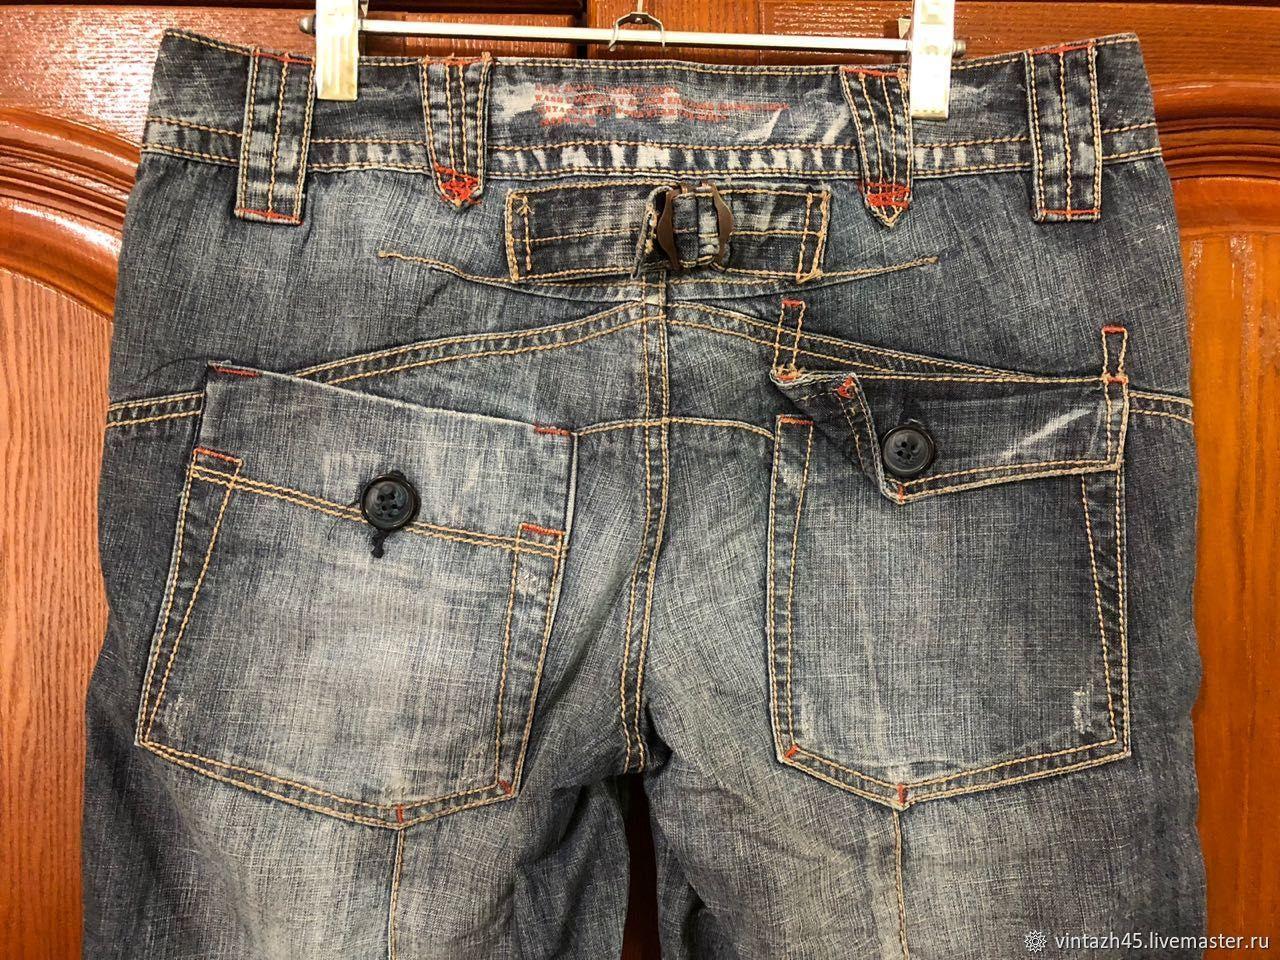 41b8c4ac96c ... Одежда. Винтаж  Винтажные мужские шорты. Авторские и винтажные вещи от  Ольги. Ярмарка